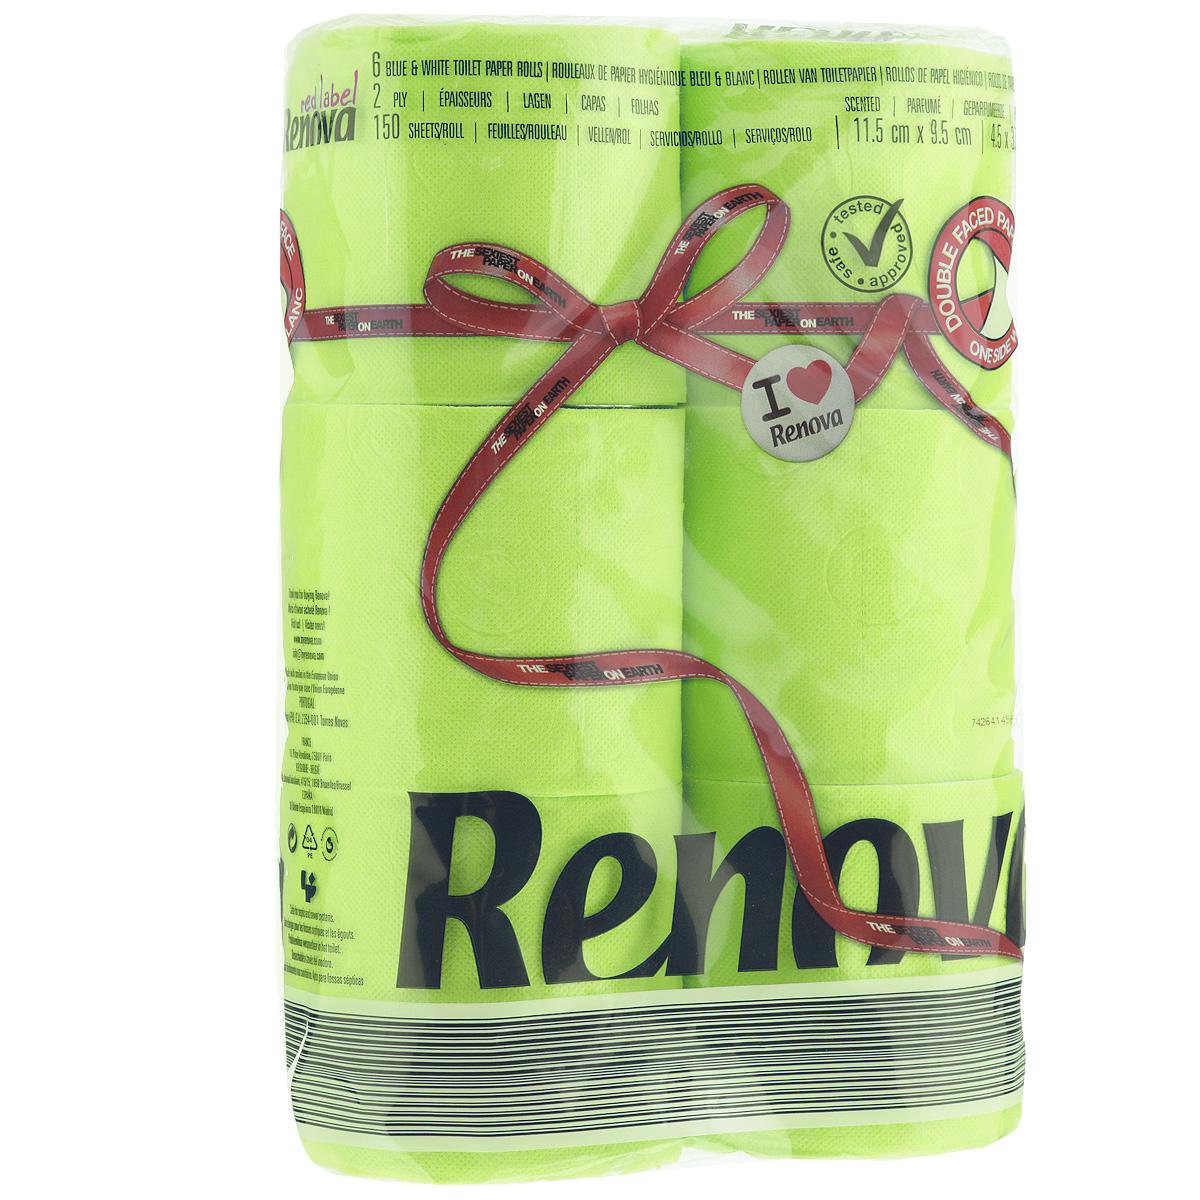 Туалетная бумага Renova, двухслойная, ароматизированная, цвет: зеленый, 6 рулонов200066931Туалетная бумага Renova изготовлена по новейшей технологии из 100% ароматизированной целлюлозы, благодаря чему она имеет тонкий аромат, очень мягкая, нежная, но в тоже время прочная. Эксклюзивная двухсторонняя туалетная бумага Renova  экстрамодного цвета, придаст вашему туалету оригинальность. Состав: 100% ароматизированная целлюлоза. Количество листов: 150 шт. Количество слоев: 2. Размер листа: 11,5 см х 9,5 см. Количество рулонов: 6 шт. Португальская компания Renova является ведущим разработчиком новейших технологий производства, нового стиля и направления на рынке гигиенической продукции. Современный дизайн и высочайшее качество, дерматологический контроль - это то, что выделяет компанию Renova среди других производителей бумажной санитарно-гигиенической продукции.